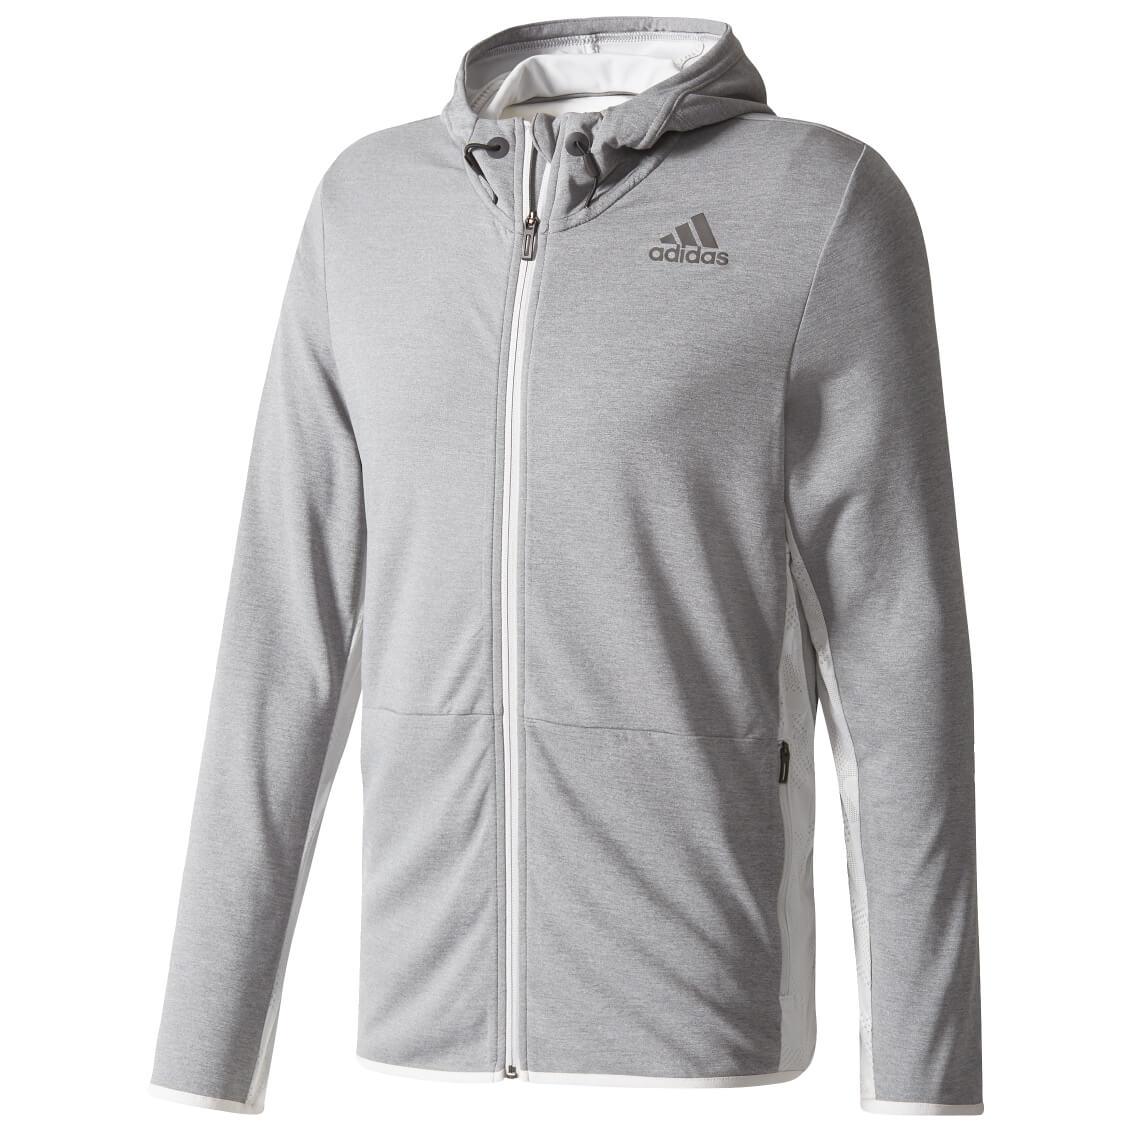 Adidas Workout Full Zip Climacool Veste de sport Homme